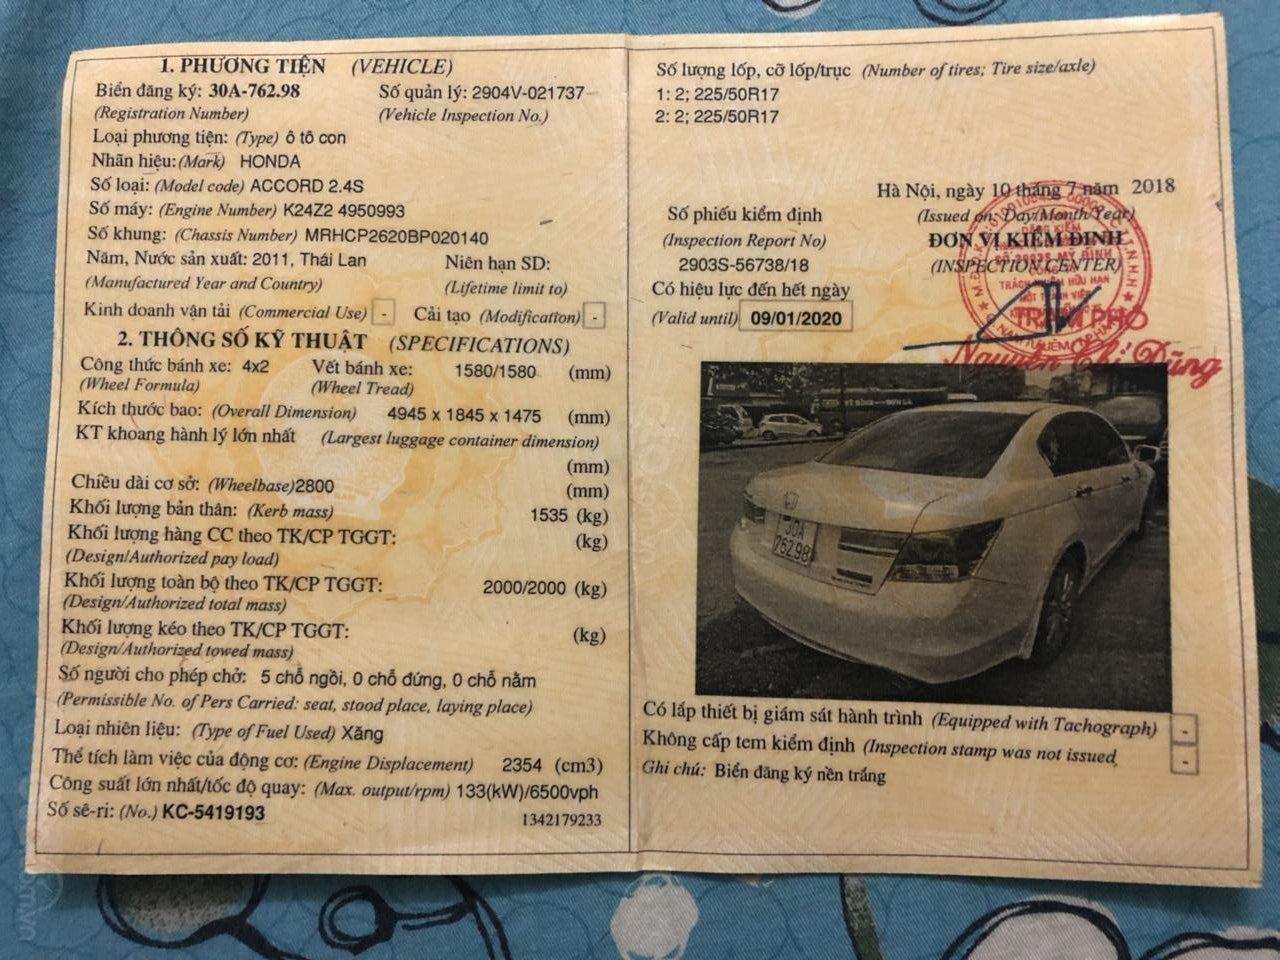 Bán Honda Accord 2.4S 2011 xe nhập, đẹp đến từng milimet, thật đấy-16